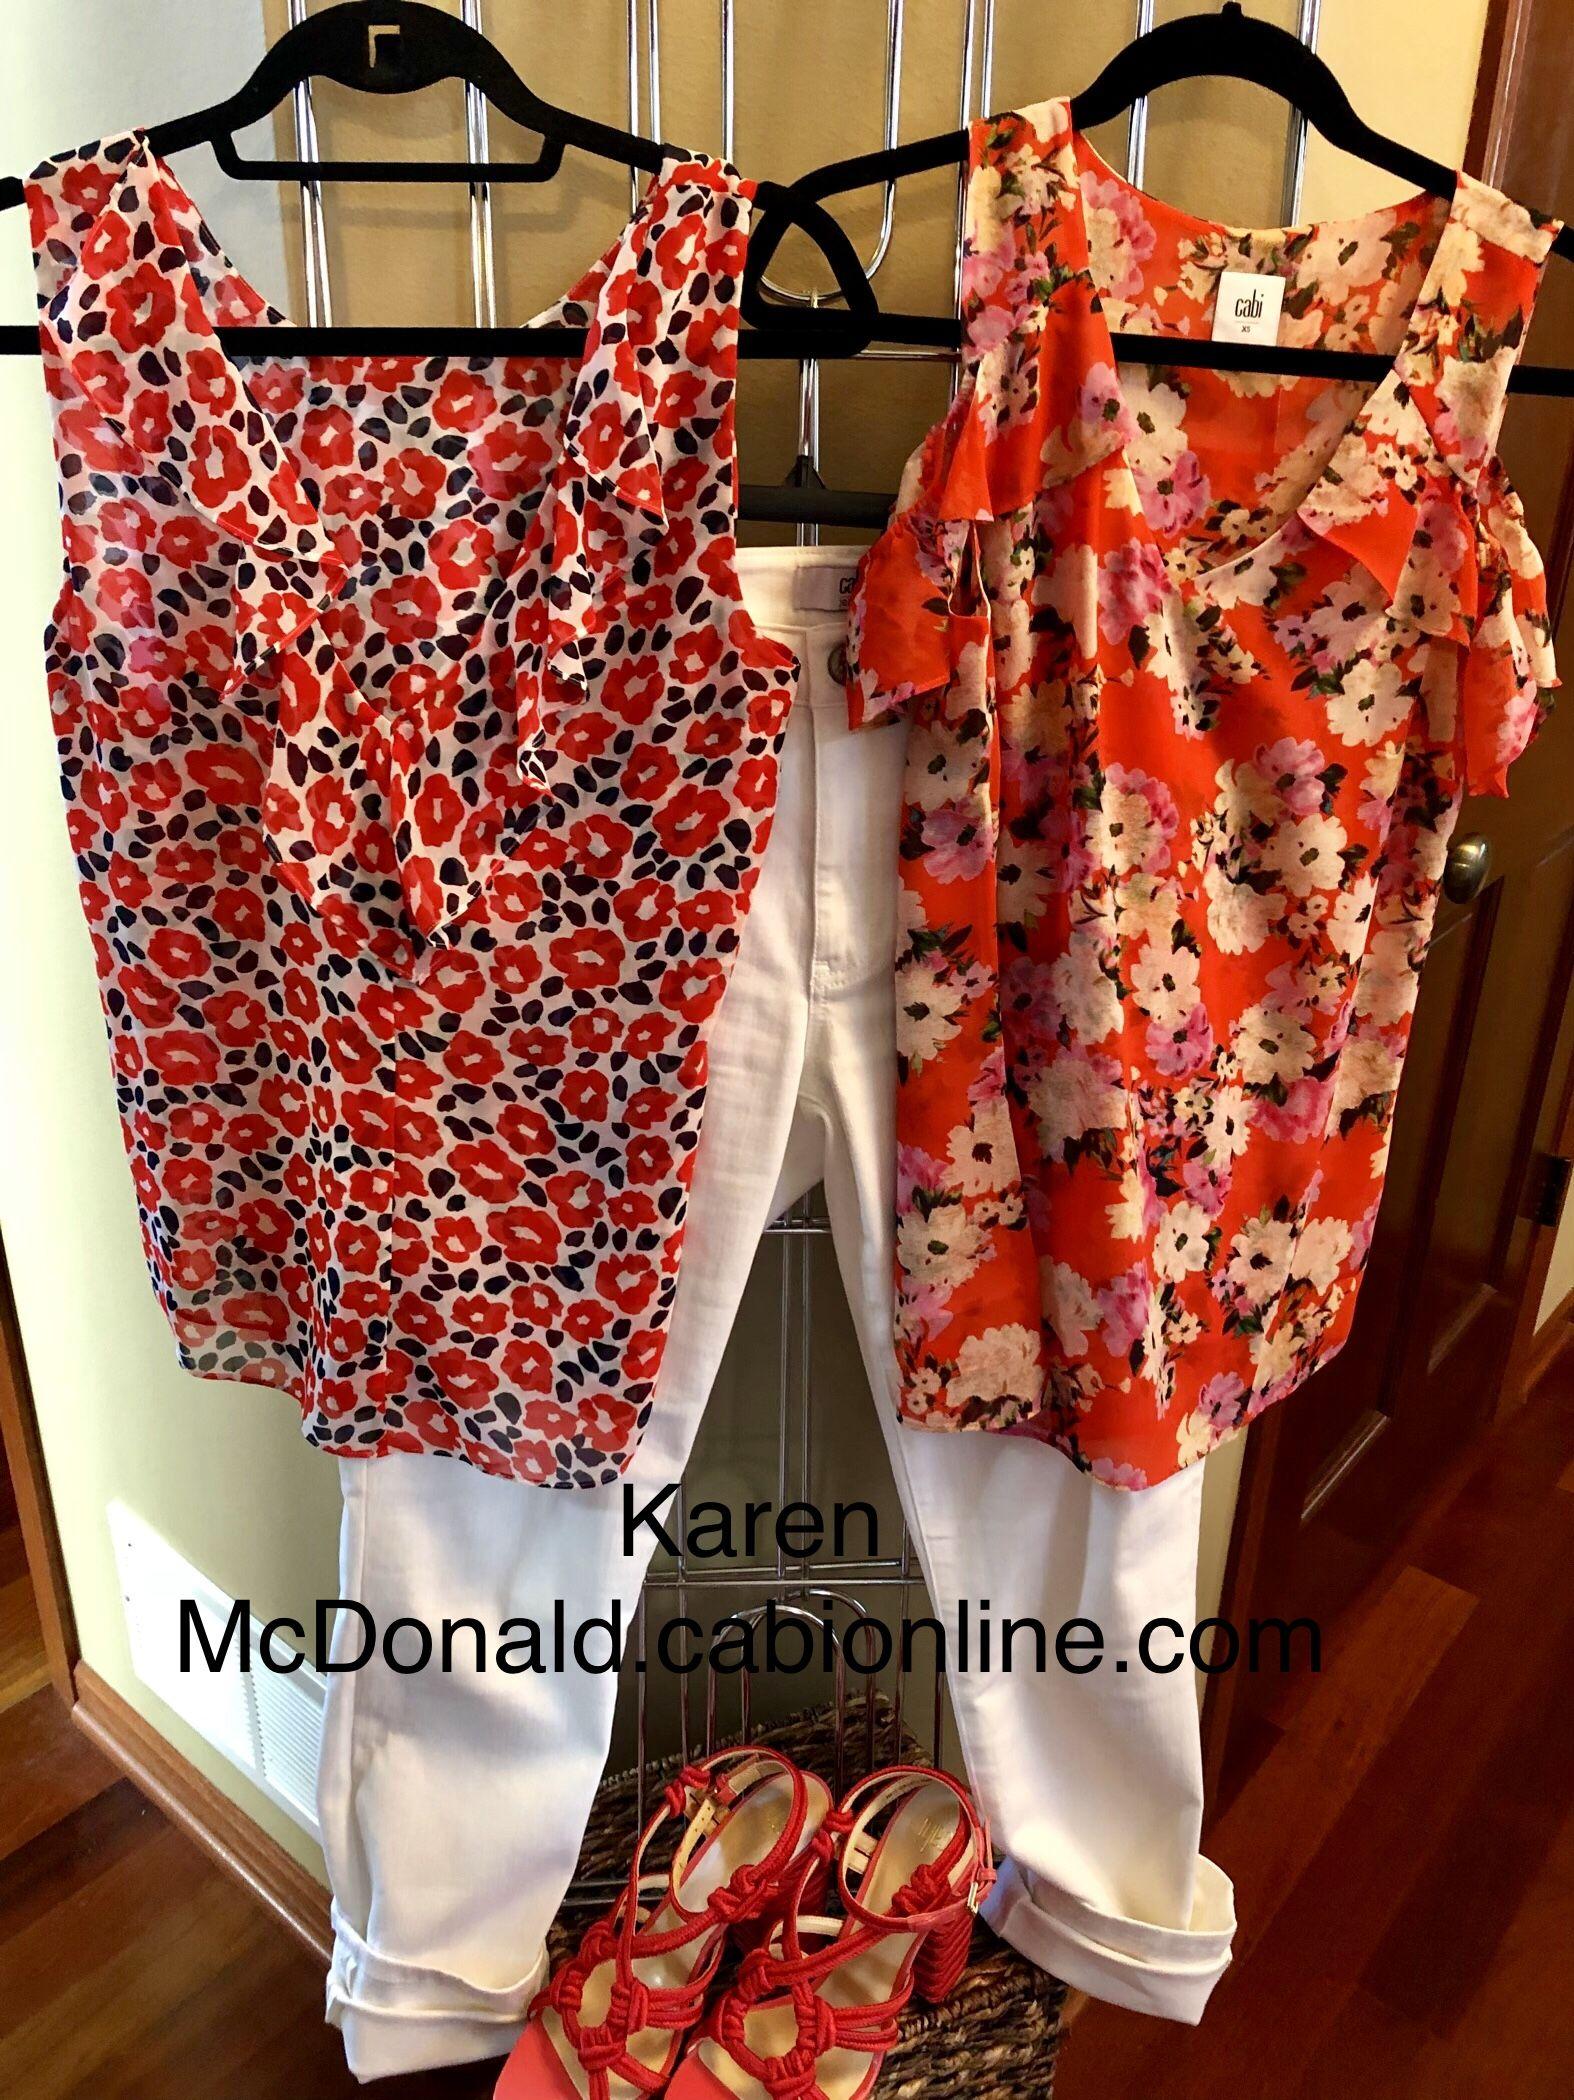 ce430db858c001 Shop 24/7 Karen McDonald.cabionline.com Business Fashion, Business Casual,